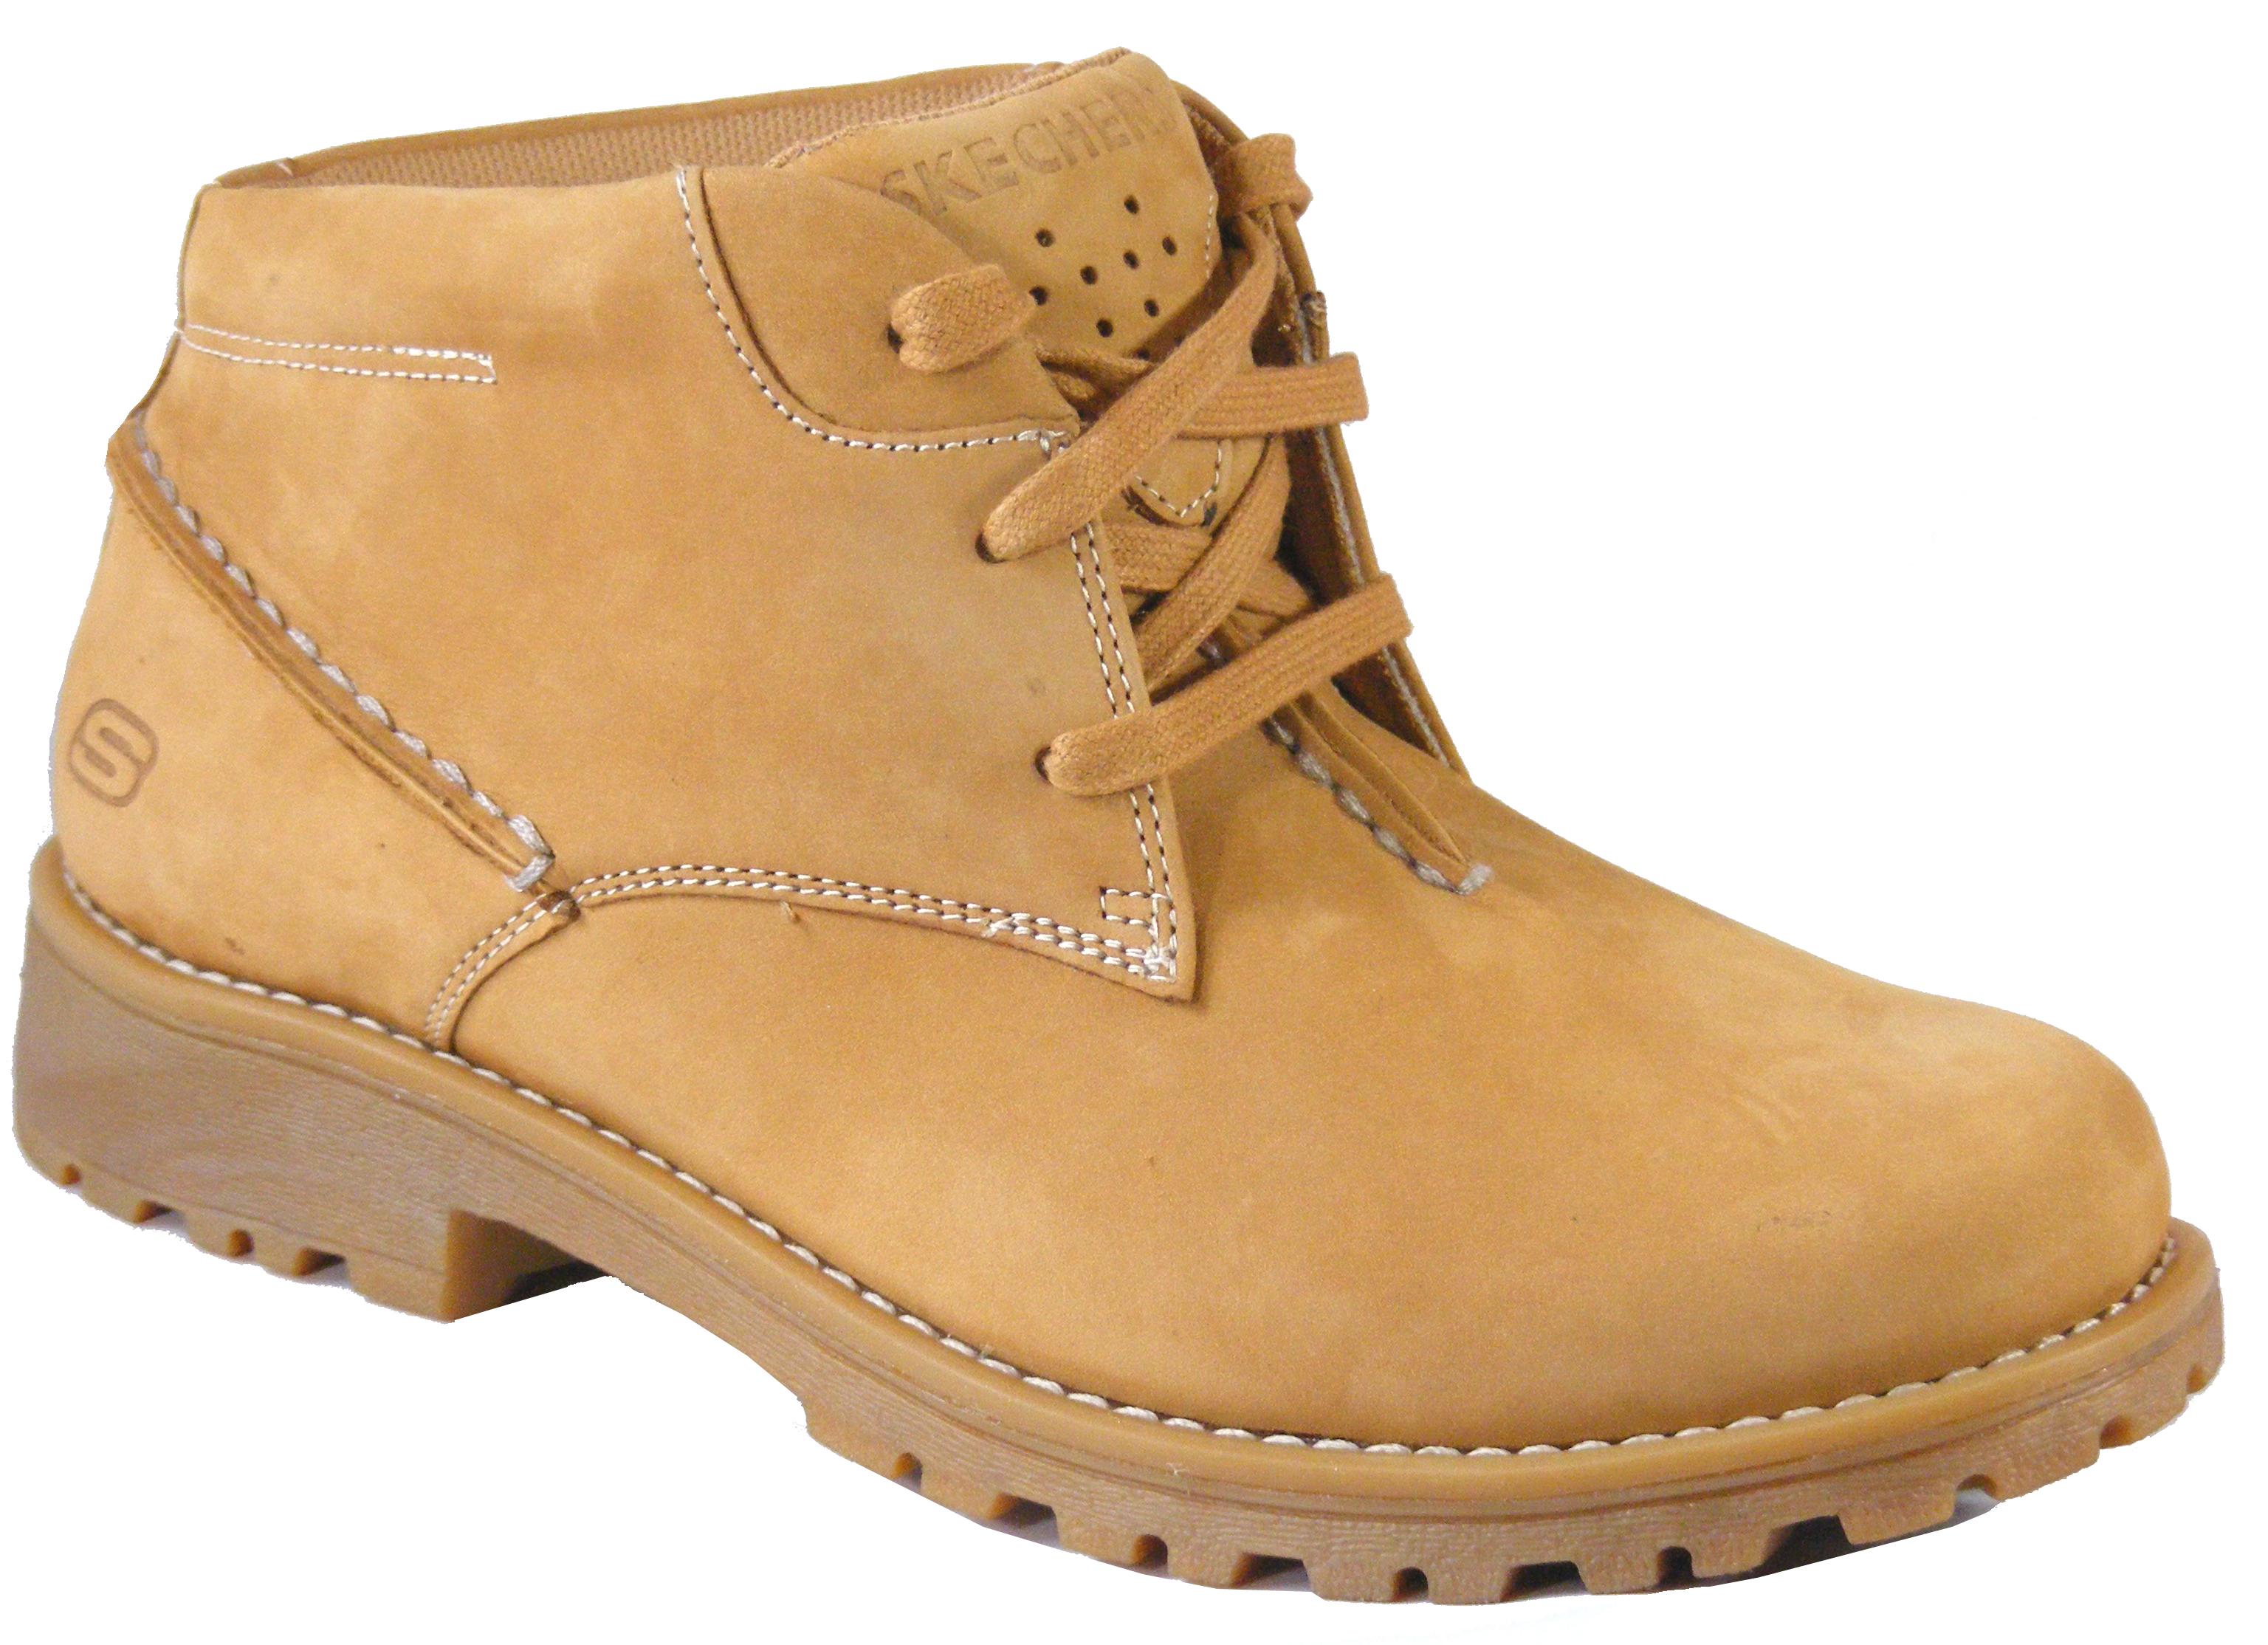 Skechers Steel Toe Shoes Uk